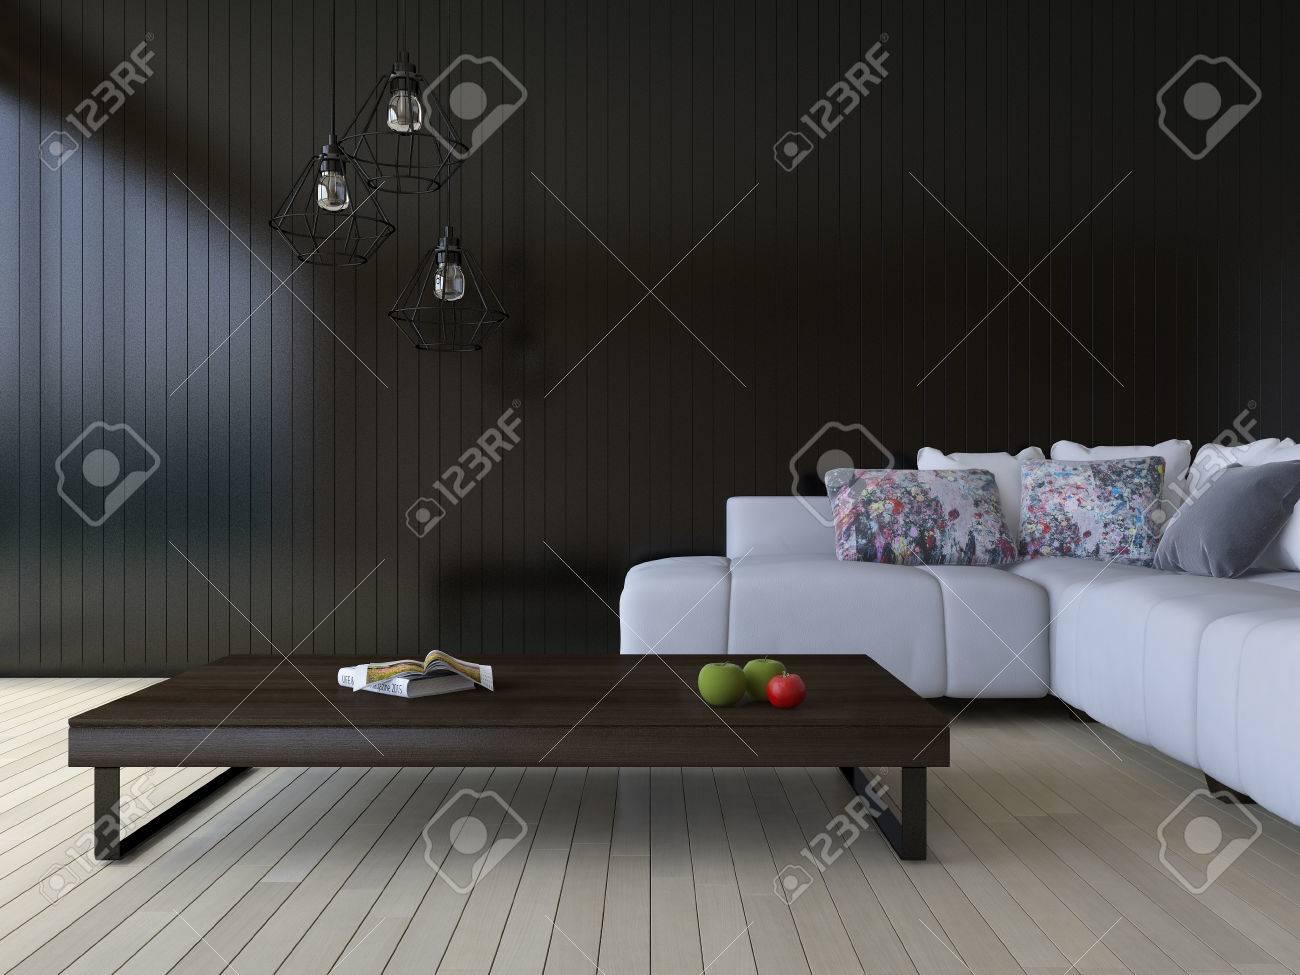 Full Size of 3ds Bild Von Weien Sofa Und Holztisch Platz Auf Fürs Wohnzimmer Bett 180x200 Esstische Landhausküche Duschen Wohnzimmer Moderne Hängelampen